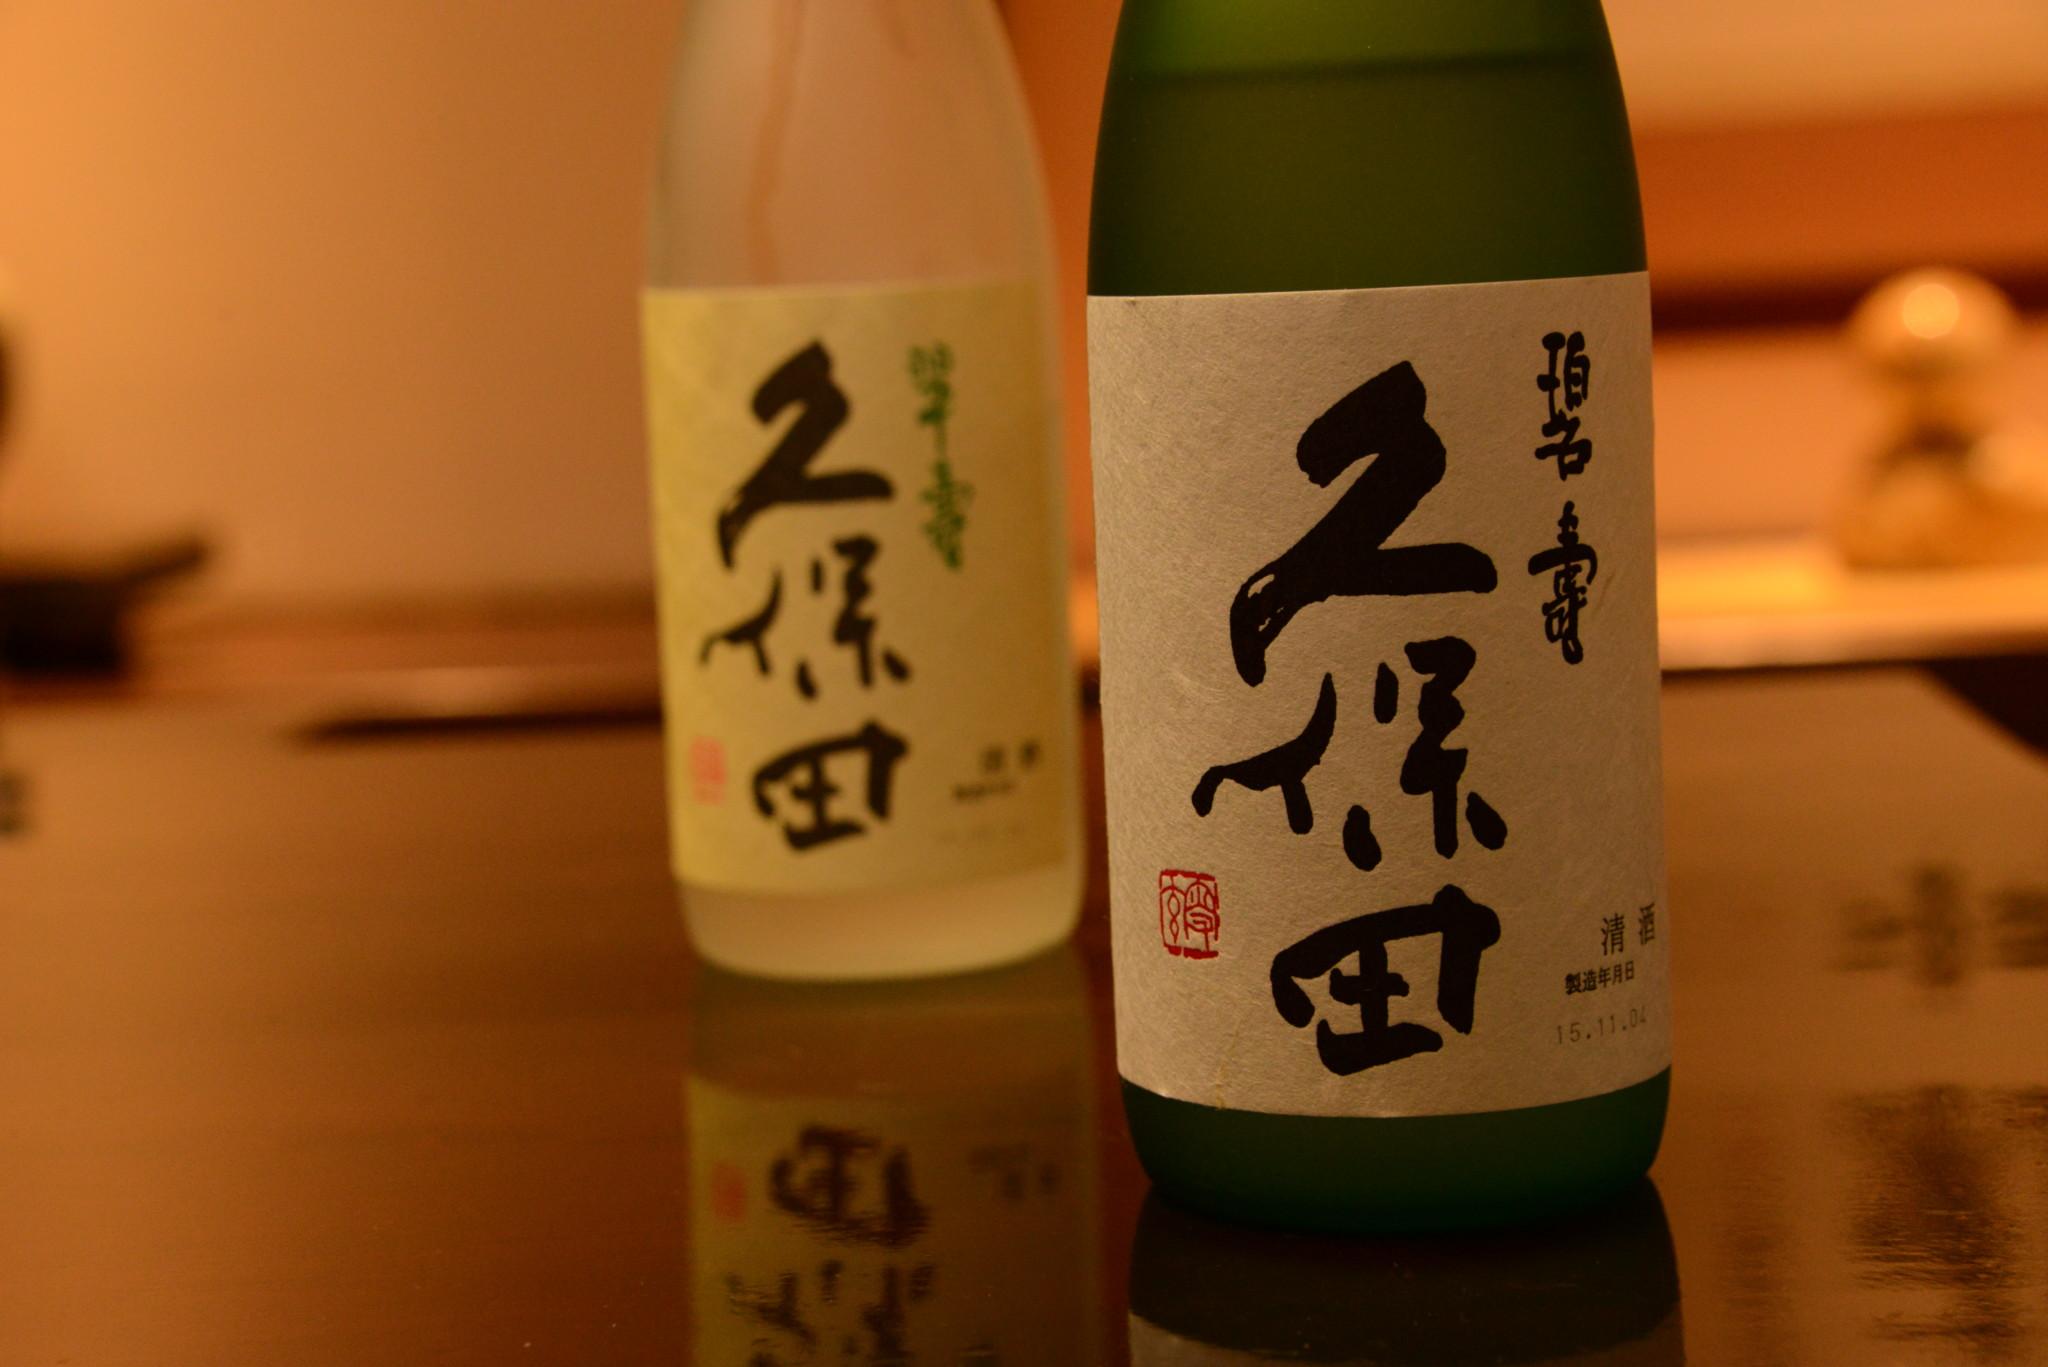 久保田,朝日山酒造,碧寿,翠寿